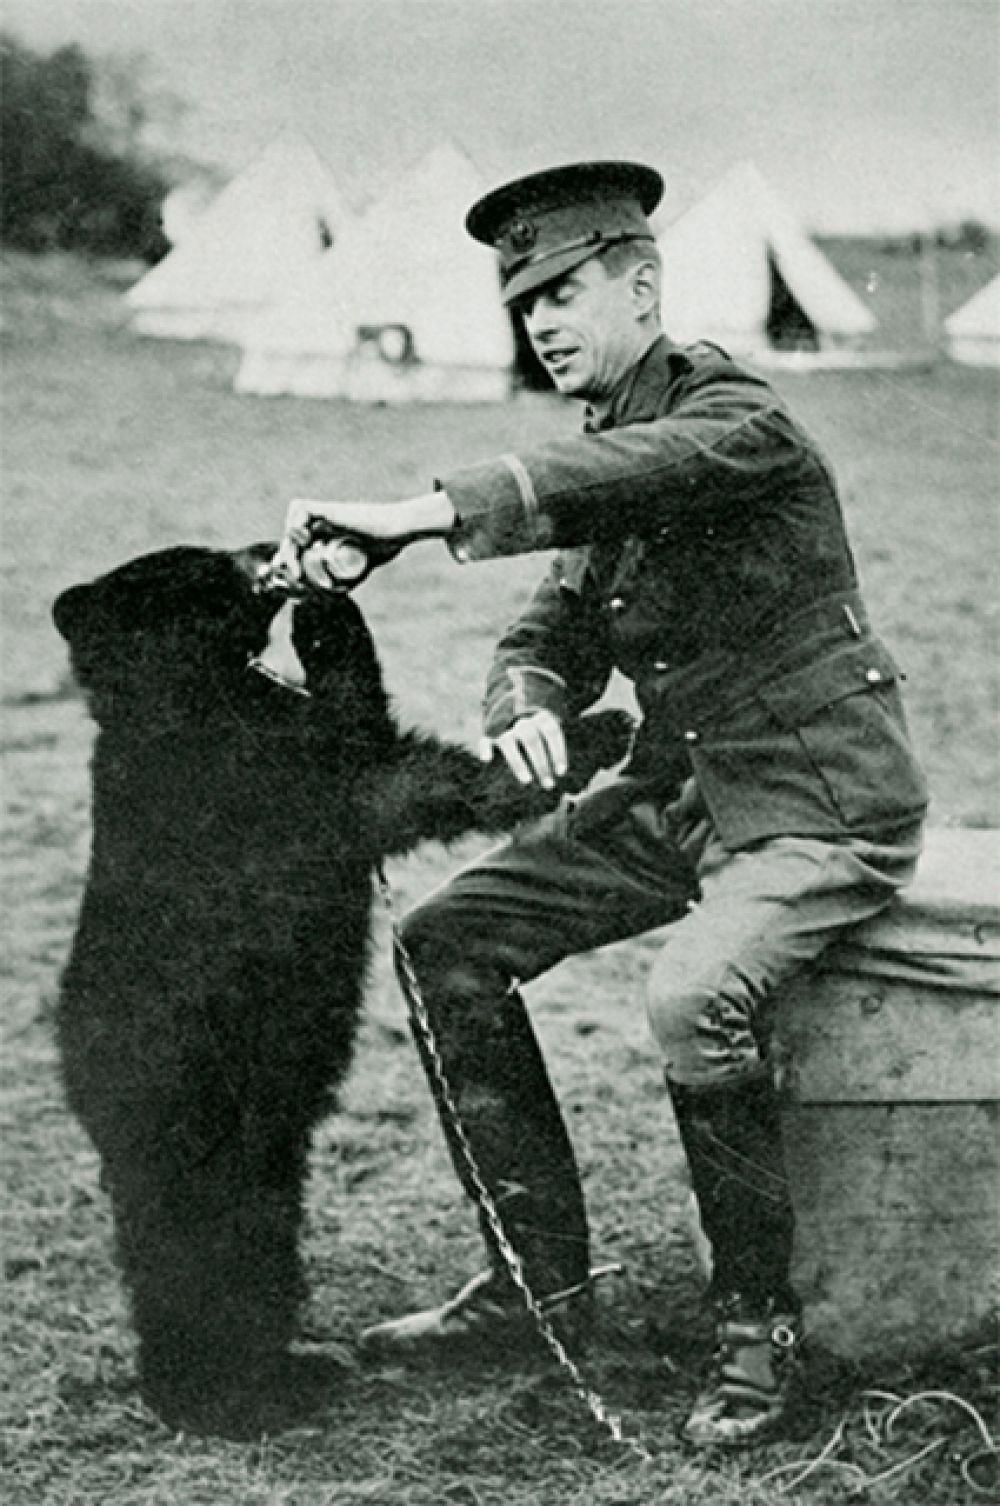 История Винни-Пуха началась с реальной медведицы Виннипег. Будучи медвежонком Виннипег являлась талисманом Канадского армейского ветеринарного корпуса. На фото: Виннипег в 1914 году.